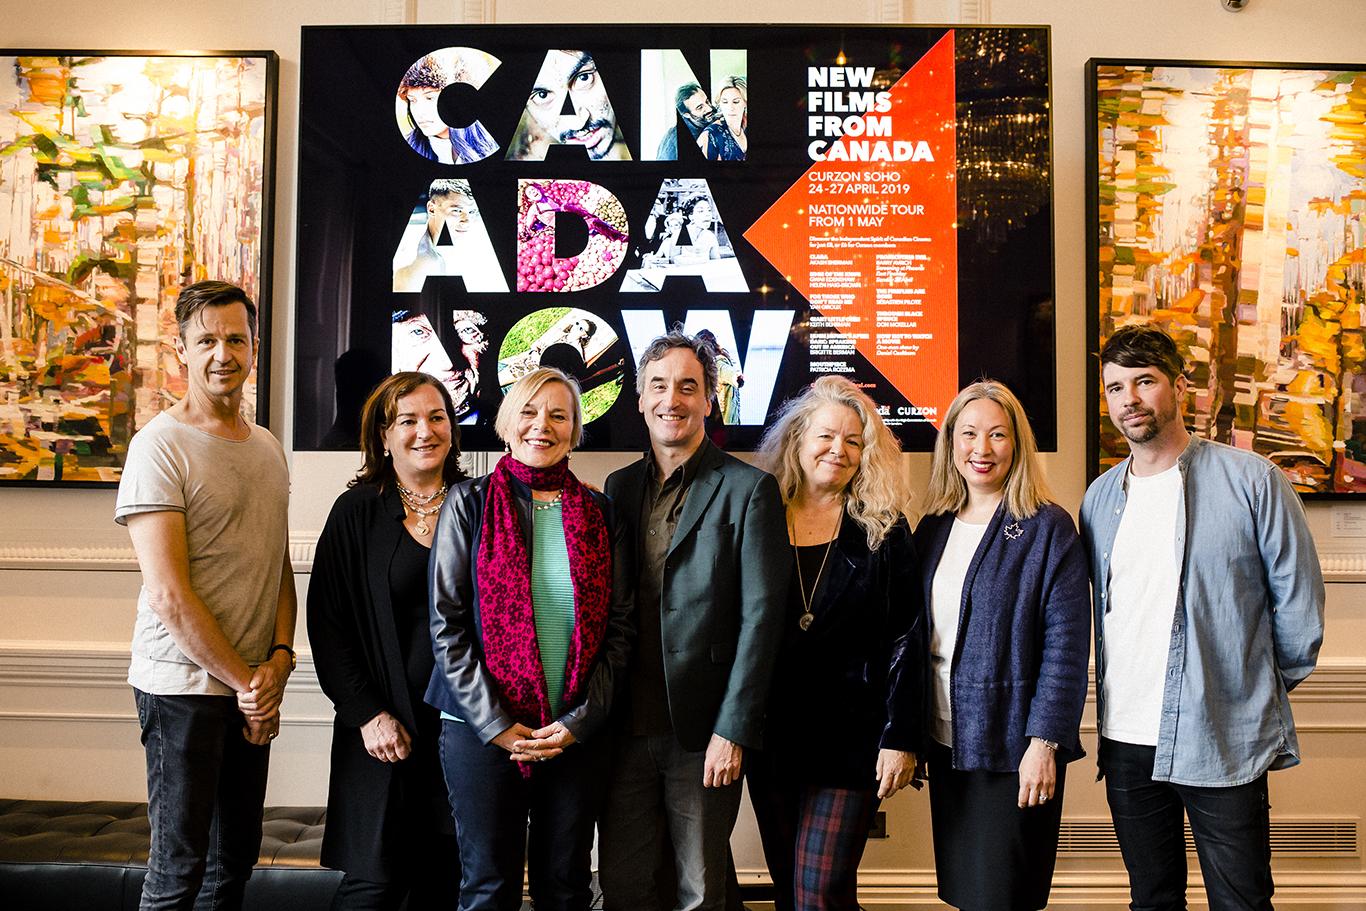 De gauche à droite: Keith Behrman, GIANT LITTLE ONES;  Brigitte Hubmann, Responsable en chef, Canada Now, Telefilm Canada;  Brigitte Berman, HUGH HEFNER'S AFTER DARK: SPEAKING OUT IN AMERICA;  Don McKellar, THROUGH BLACK SPRUCE;  Patricia Rozema, MOUTHPIECE;  Sonya Thissen, Ministre-conseillère (Affaires politiques et publiques), Haut-commissariat du Canada;  Yan Giroux, FOR THOSE WHO DON'T READ ME/À TOUS CEUX QUI NE ME LISENT PAS